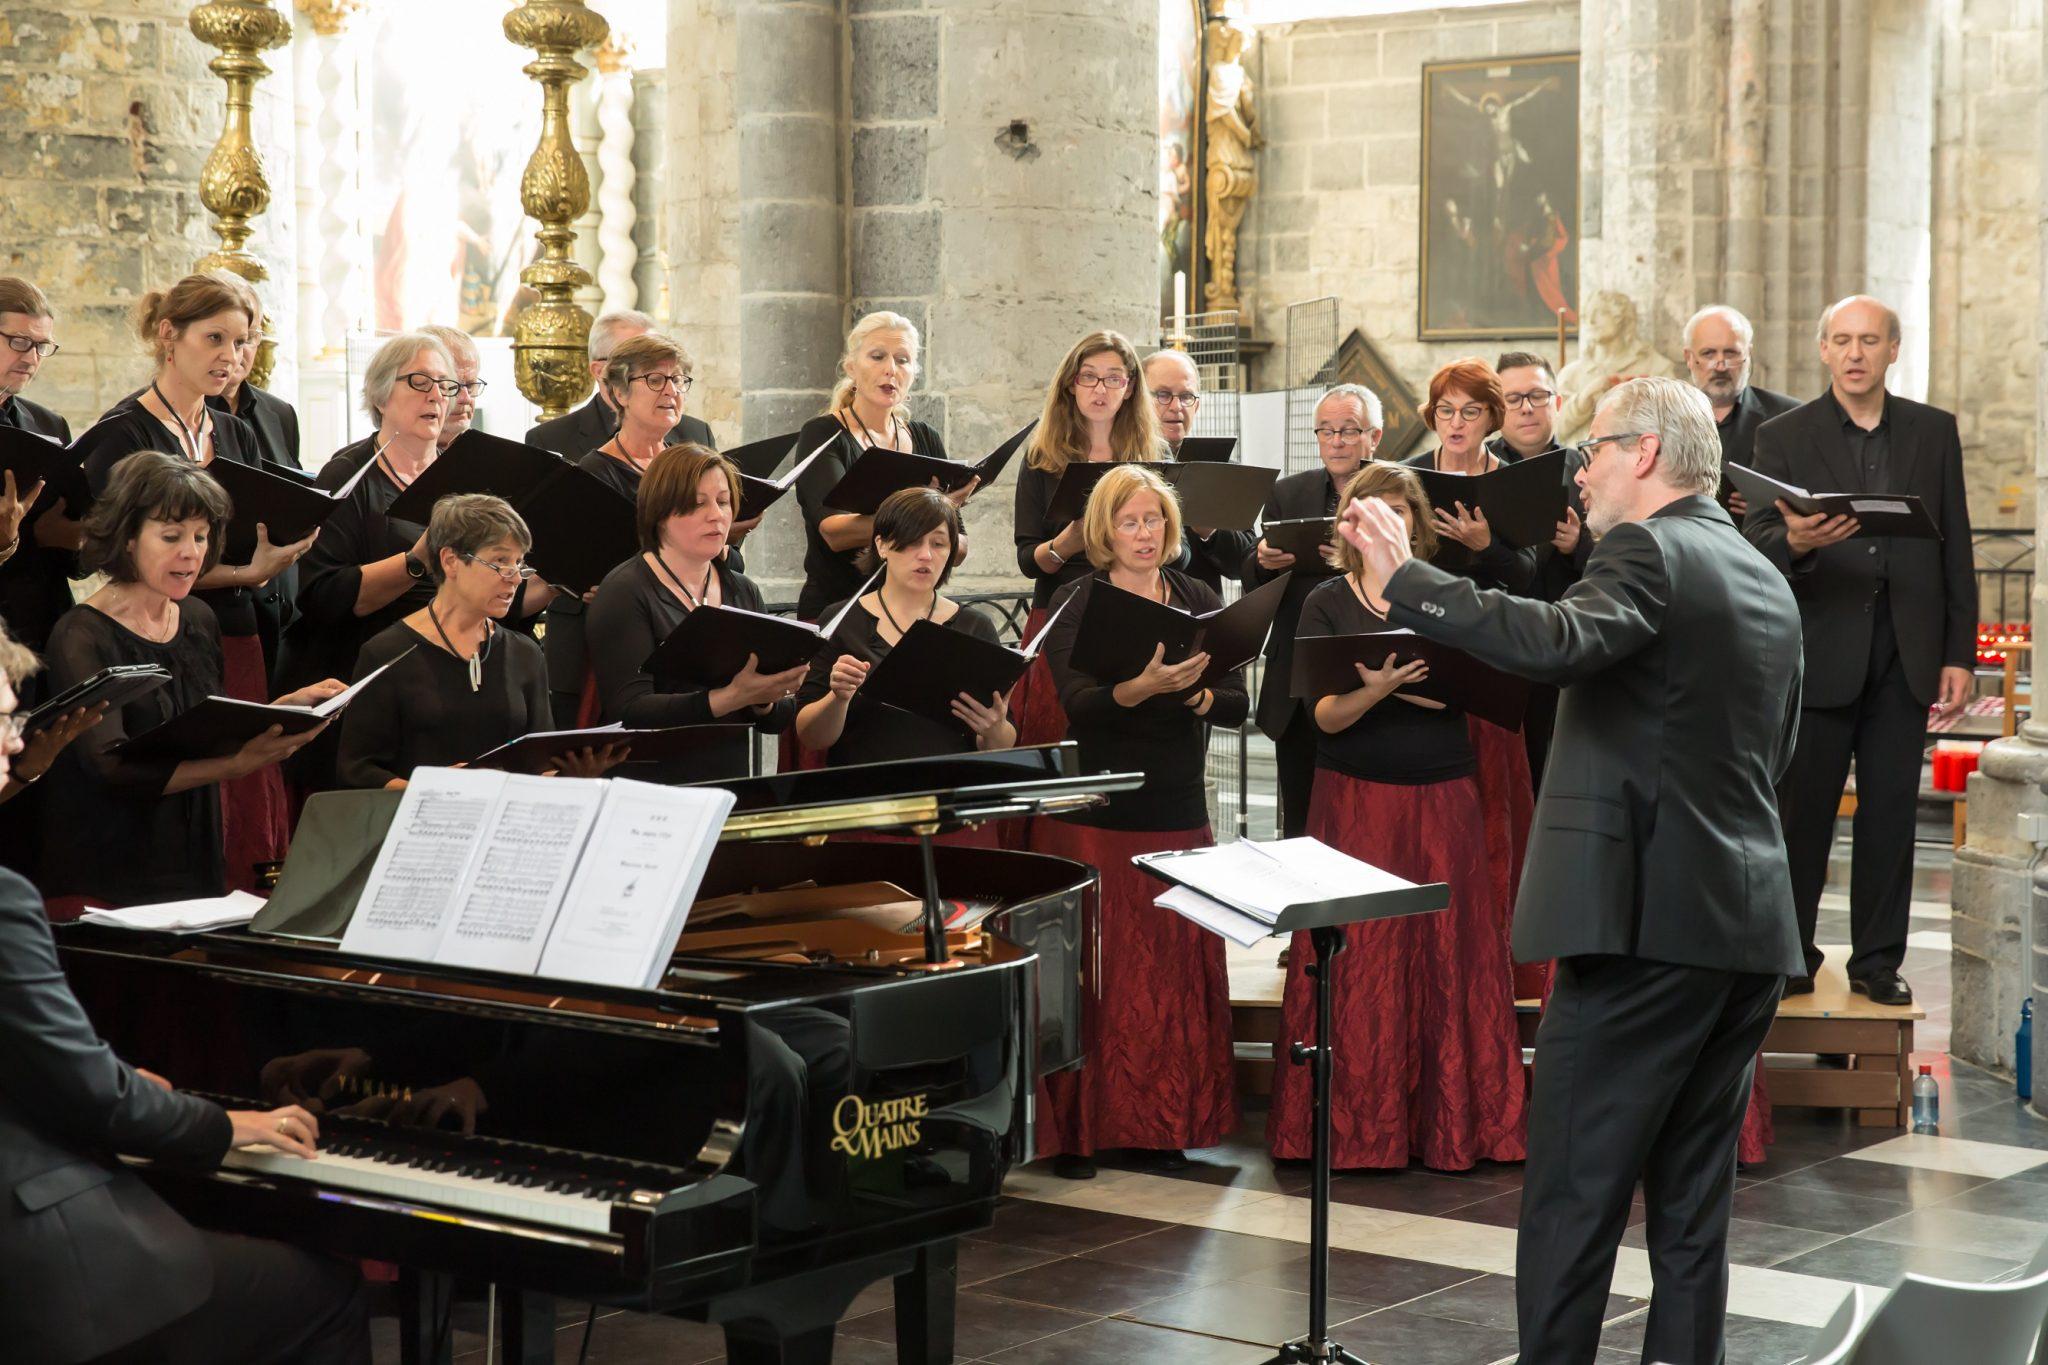 Concert Con Cuore o.l.v. Jan Vuye